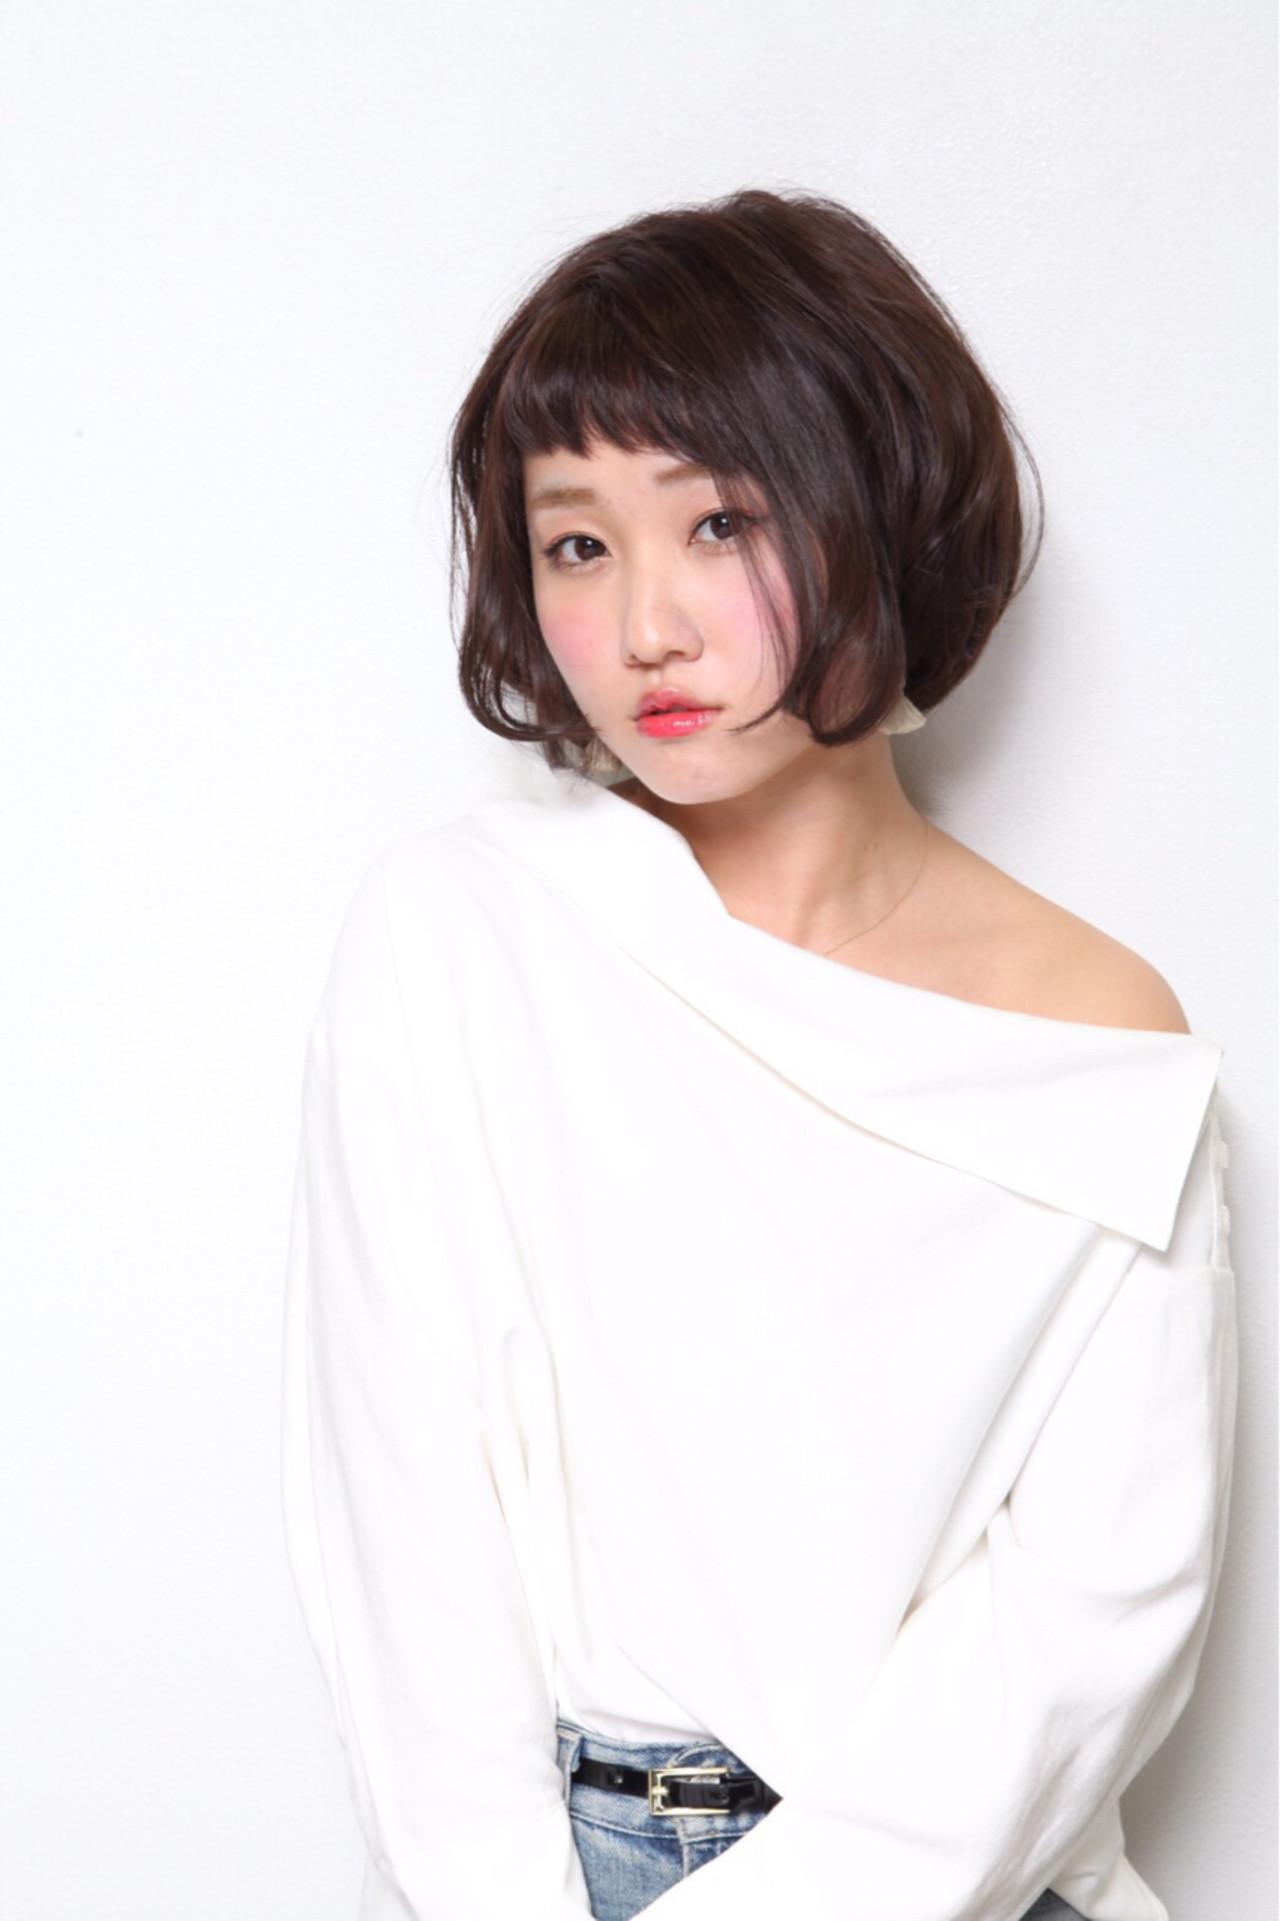 つい真似したくなる♡ショートカットに似合わせる前髪コレクション Ayumi